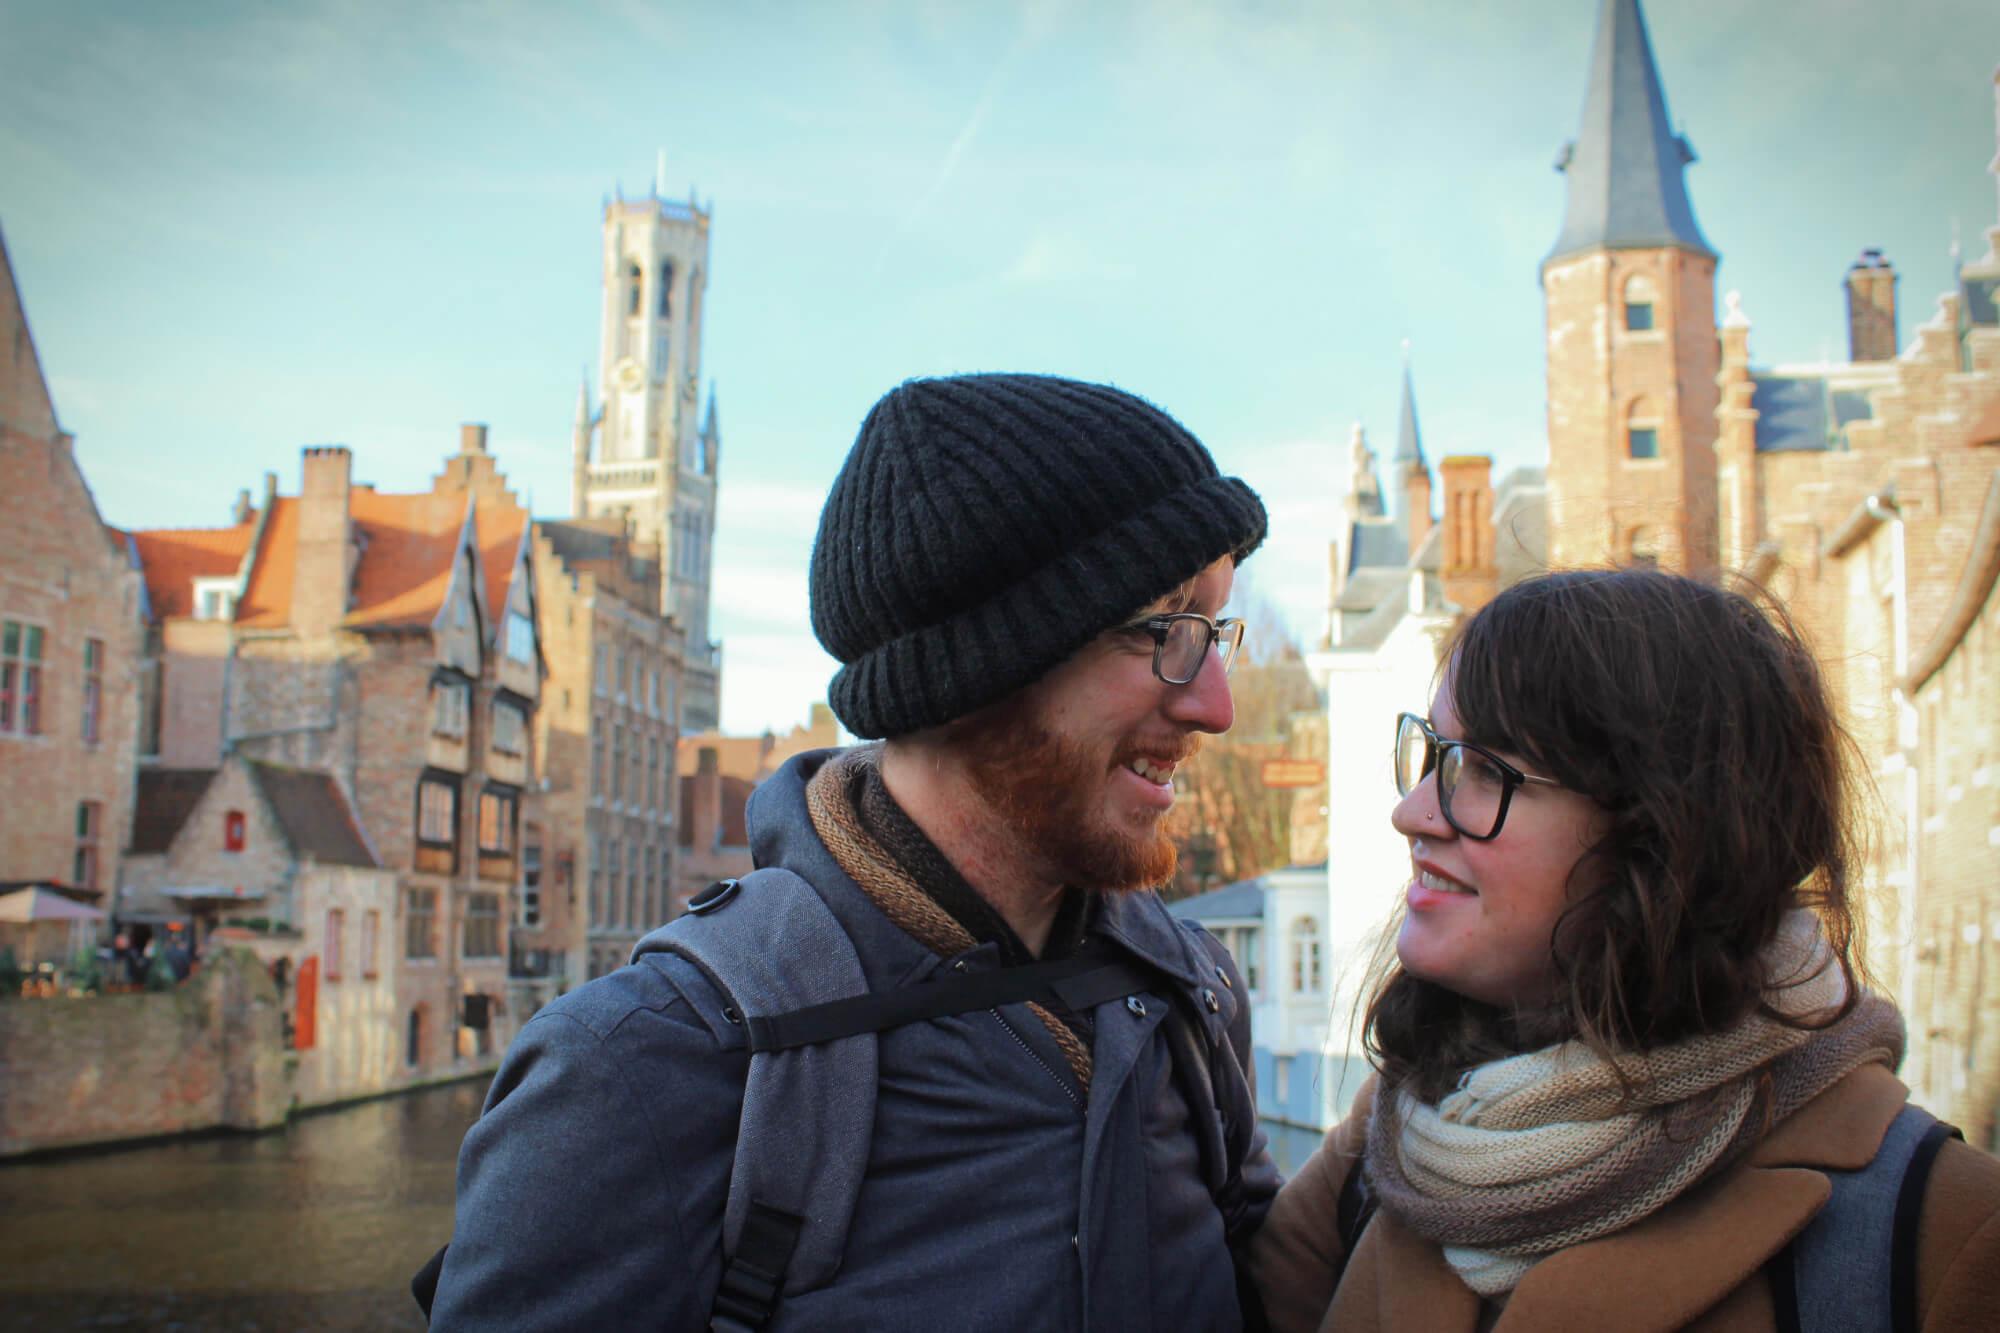 A romantic selfie in front of the Rozenhoedkaai in Brugges, Belgium in the winter!